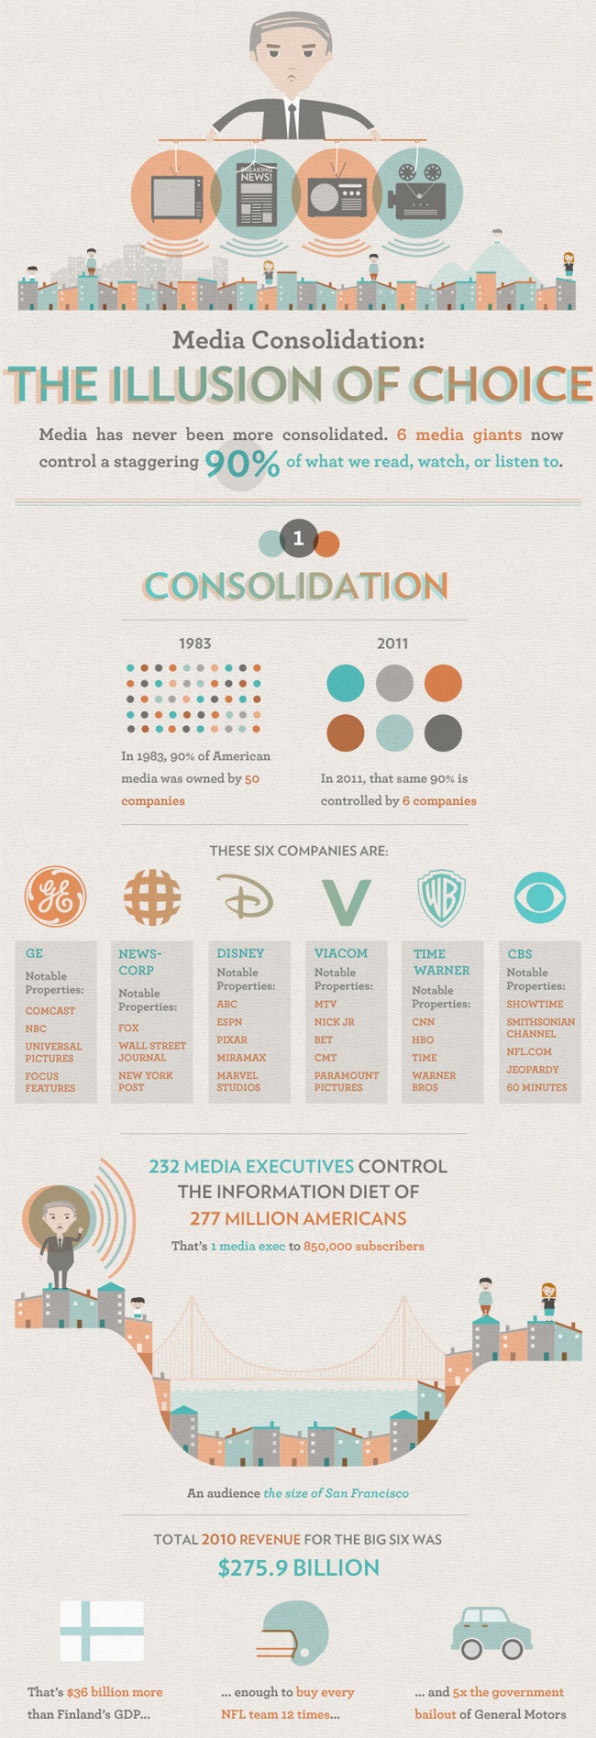 Media Consolidation